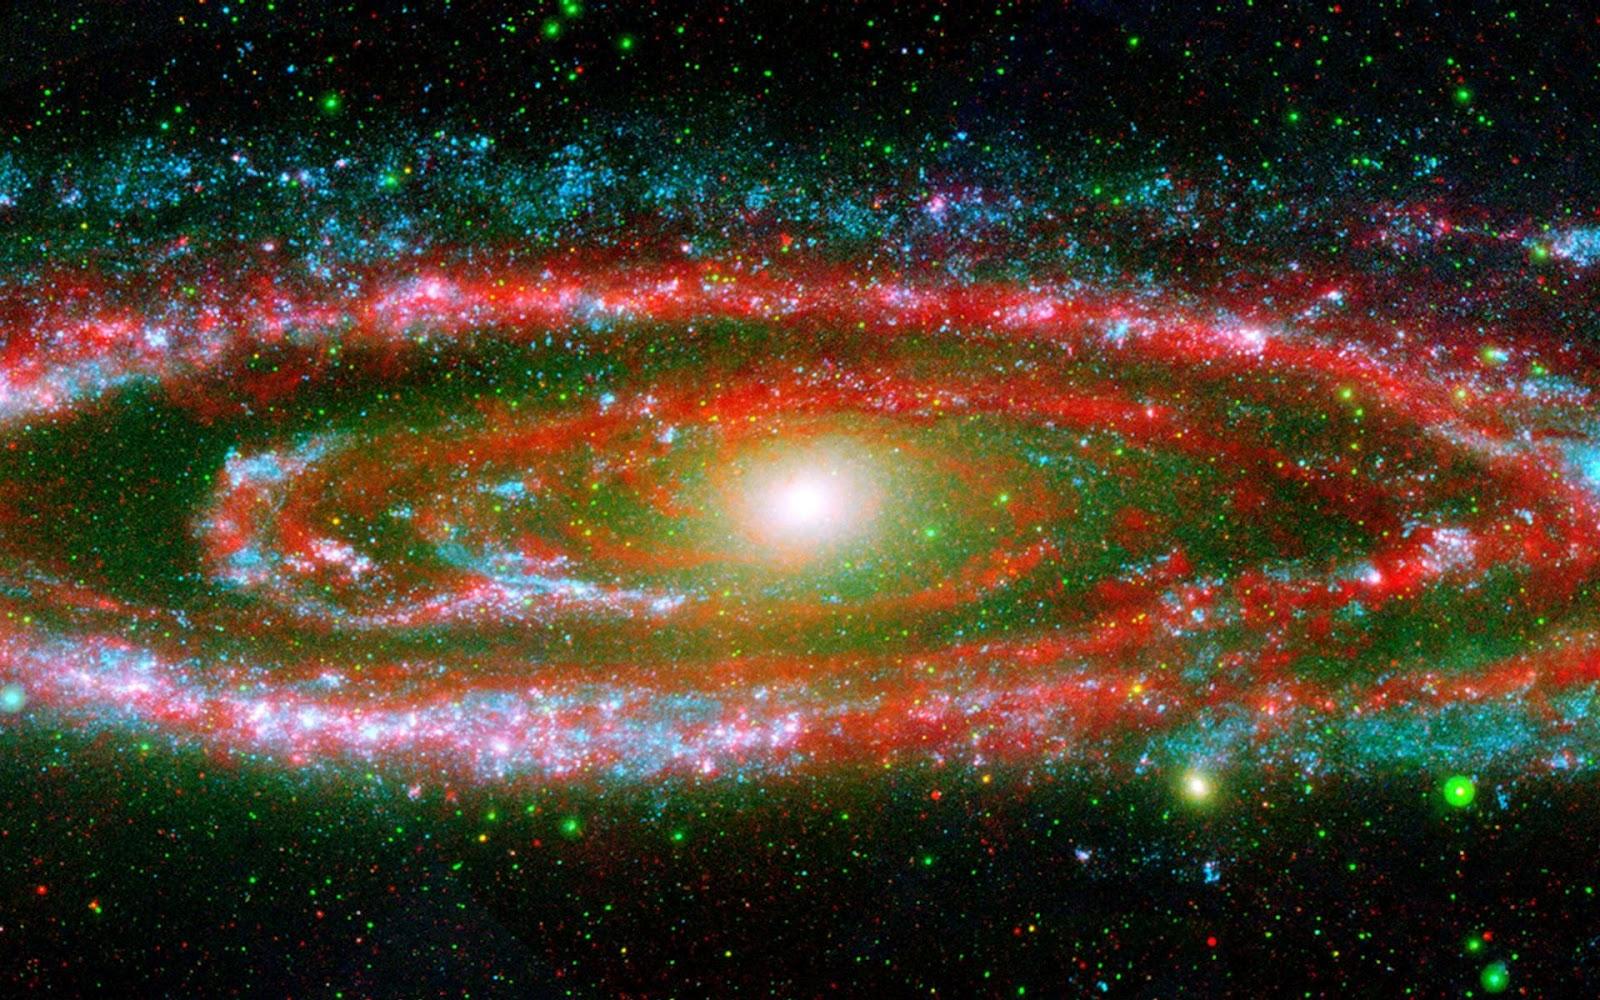 http://3.bp.blogspot.com/-Q_WtplNSQbQ/UCY1oIHeEhI/AAAAAAAAMW8/RRsjE0CejK0/s1600/andromeda-galaxy.jpg